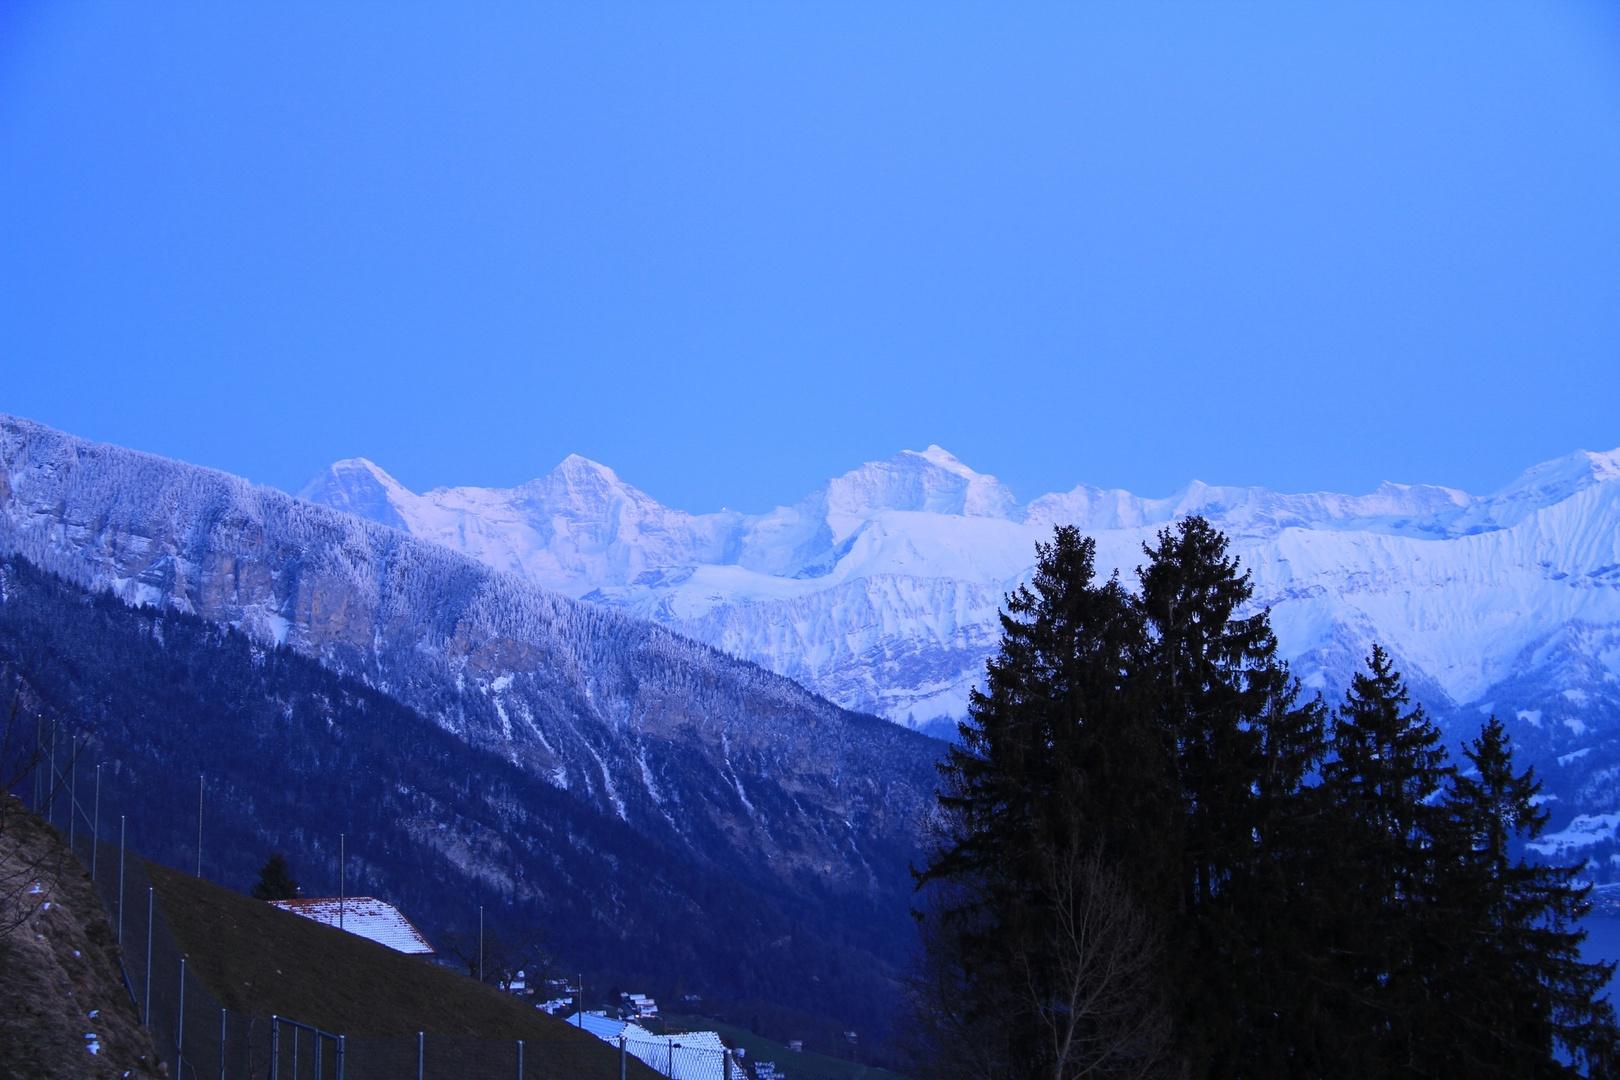 Eiger,Mönch,Jungfrau